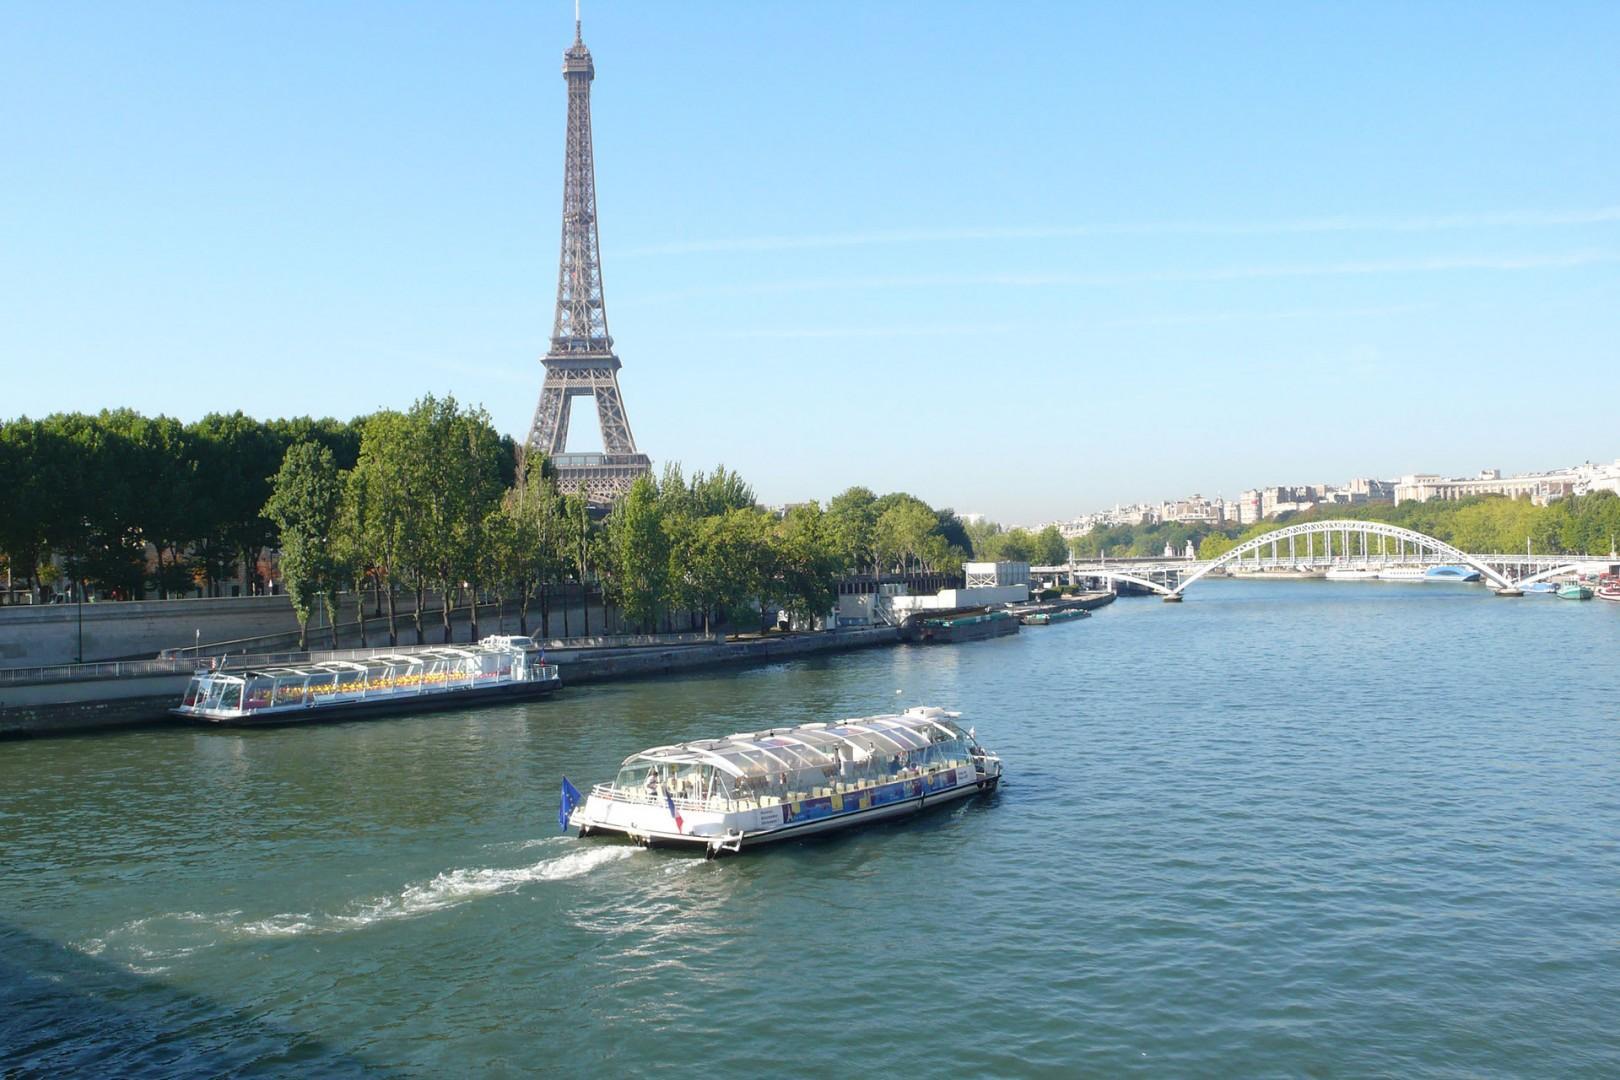 Enjoy a cruise along the Seine